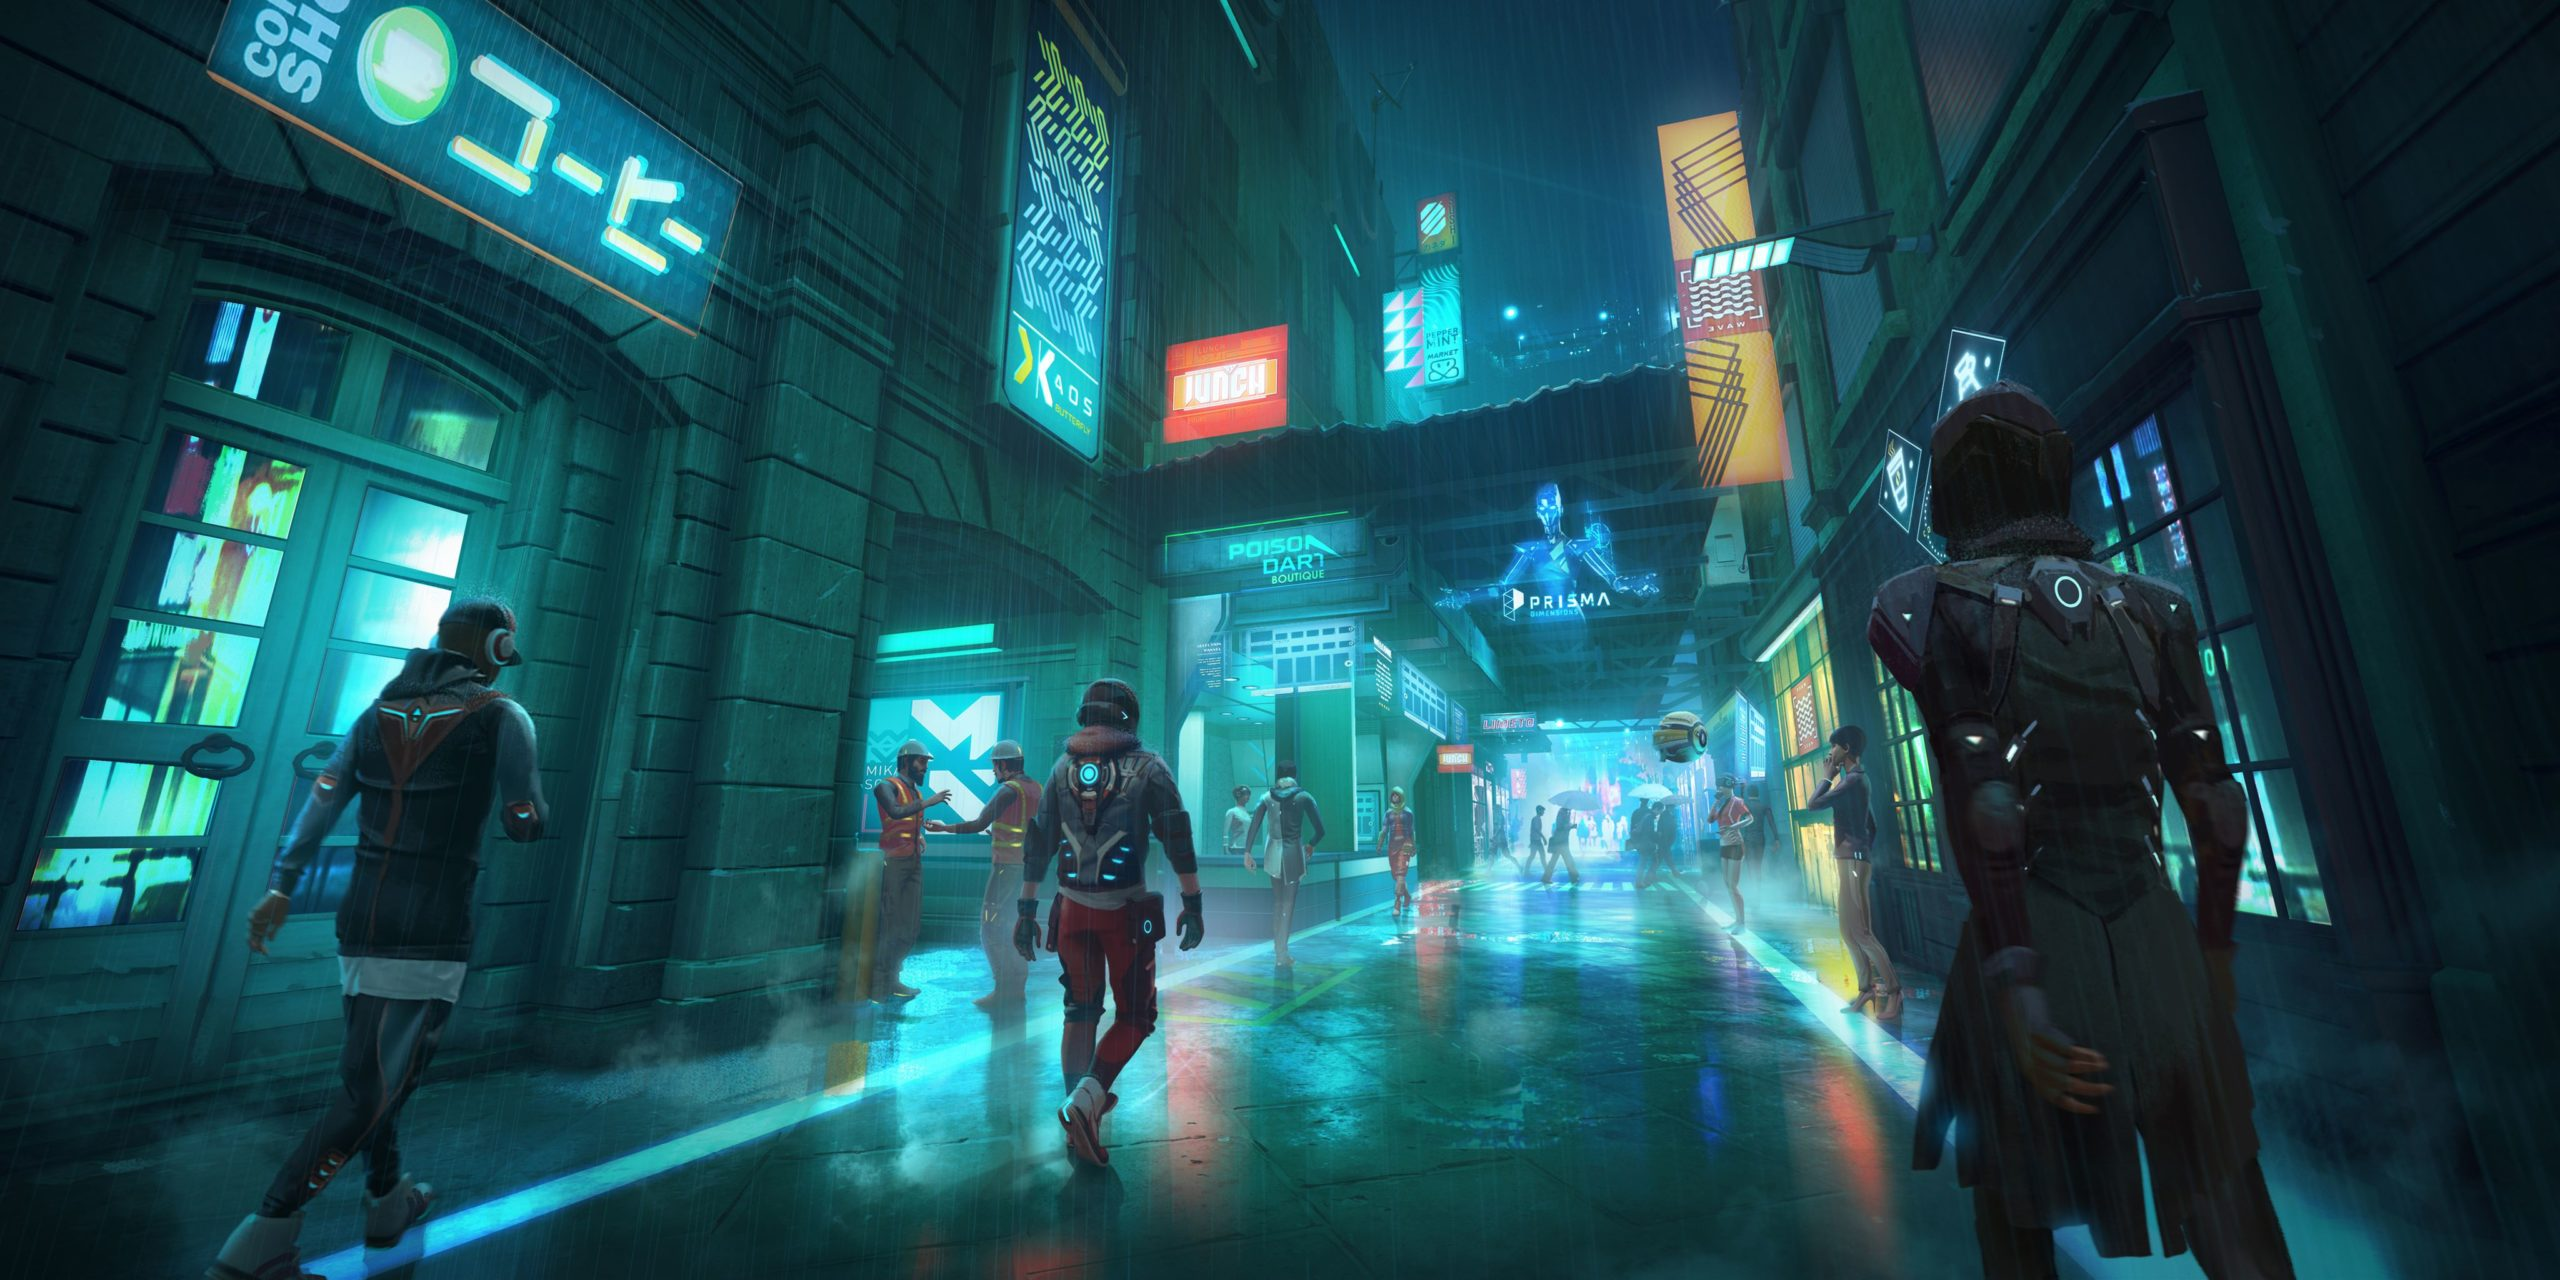 アサクリとシージのubisoftが新作の近未来バトルロワイヤル「ハイパースケープ」を7月2に正式発表か!!コンソール、PCで無料ゲー。